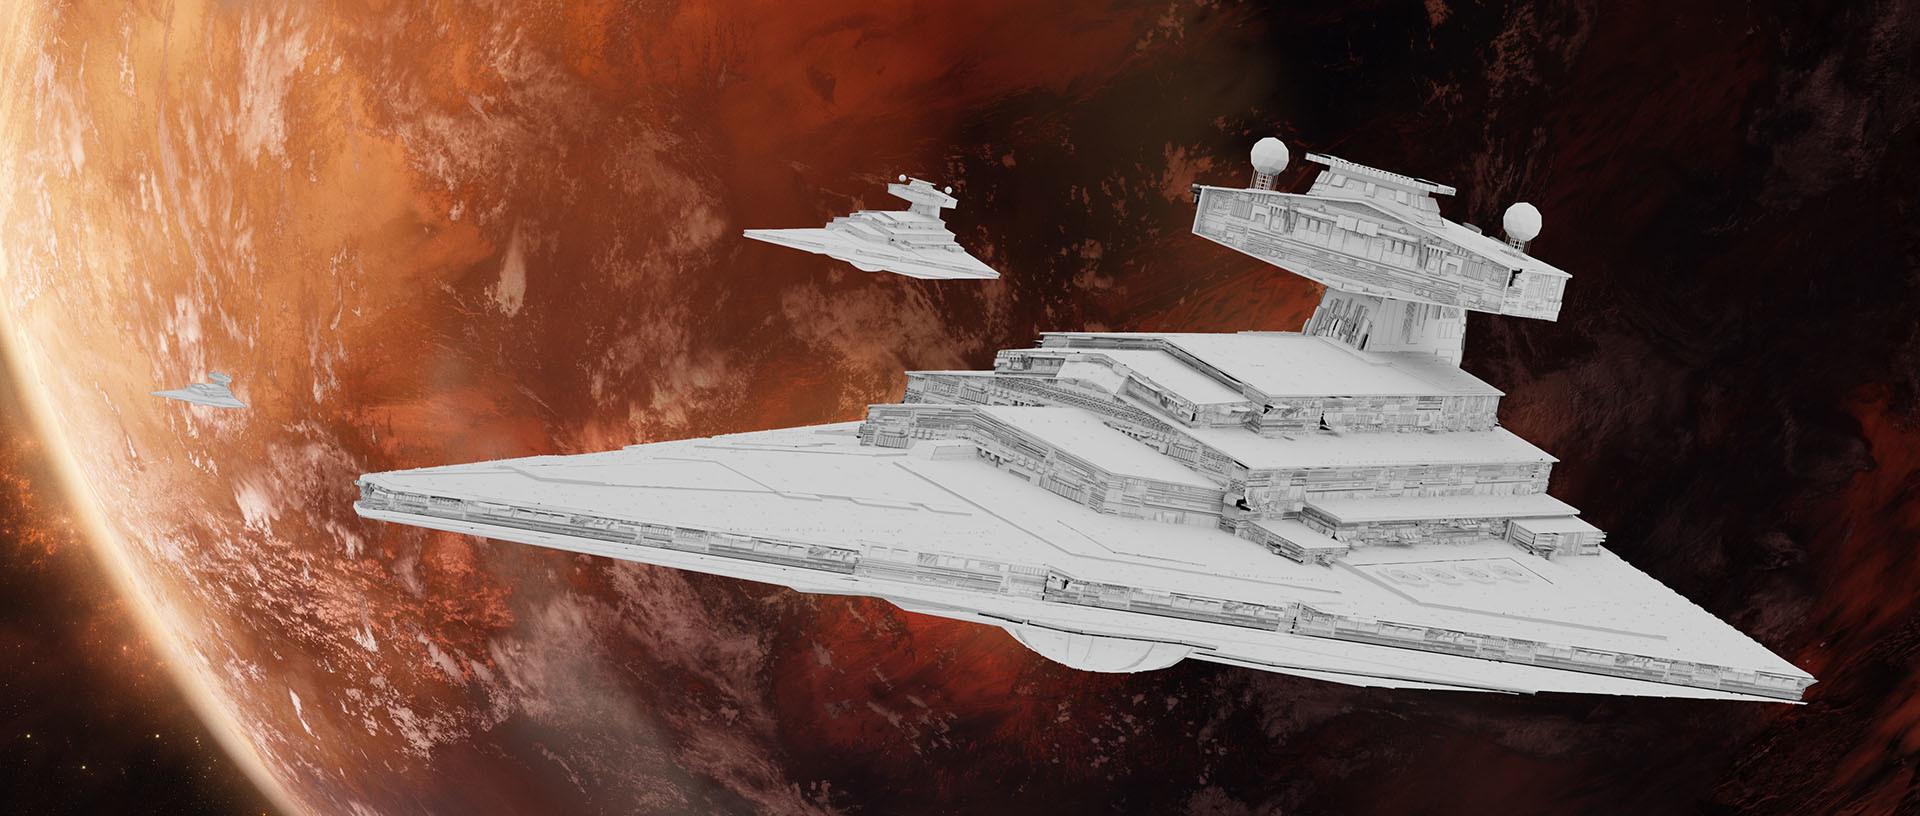 Steve lund star destroyer 01 2 aoweb